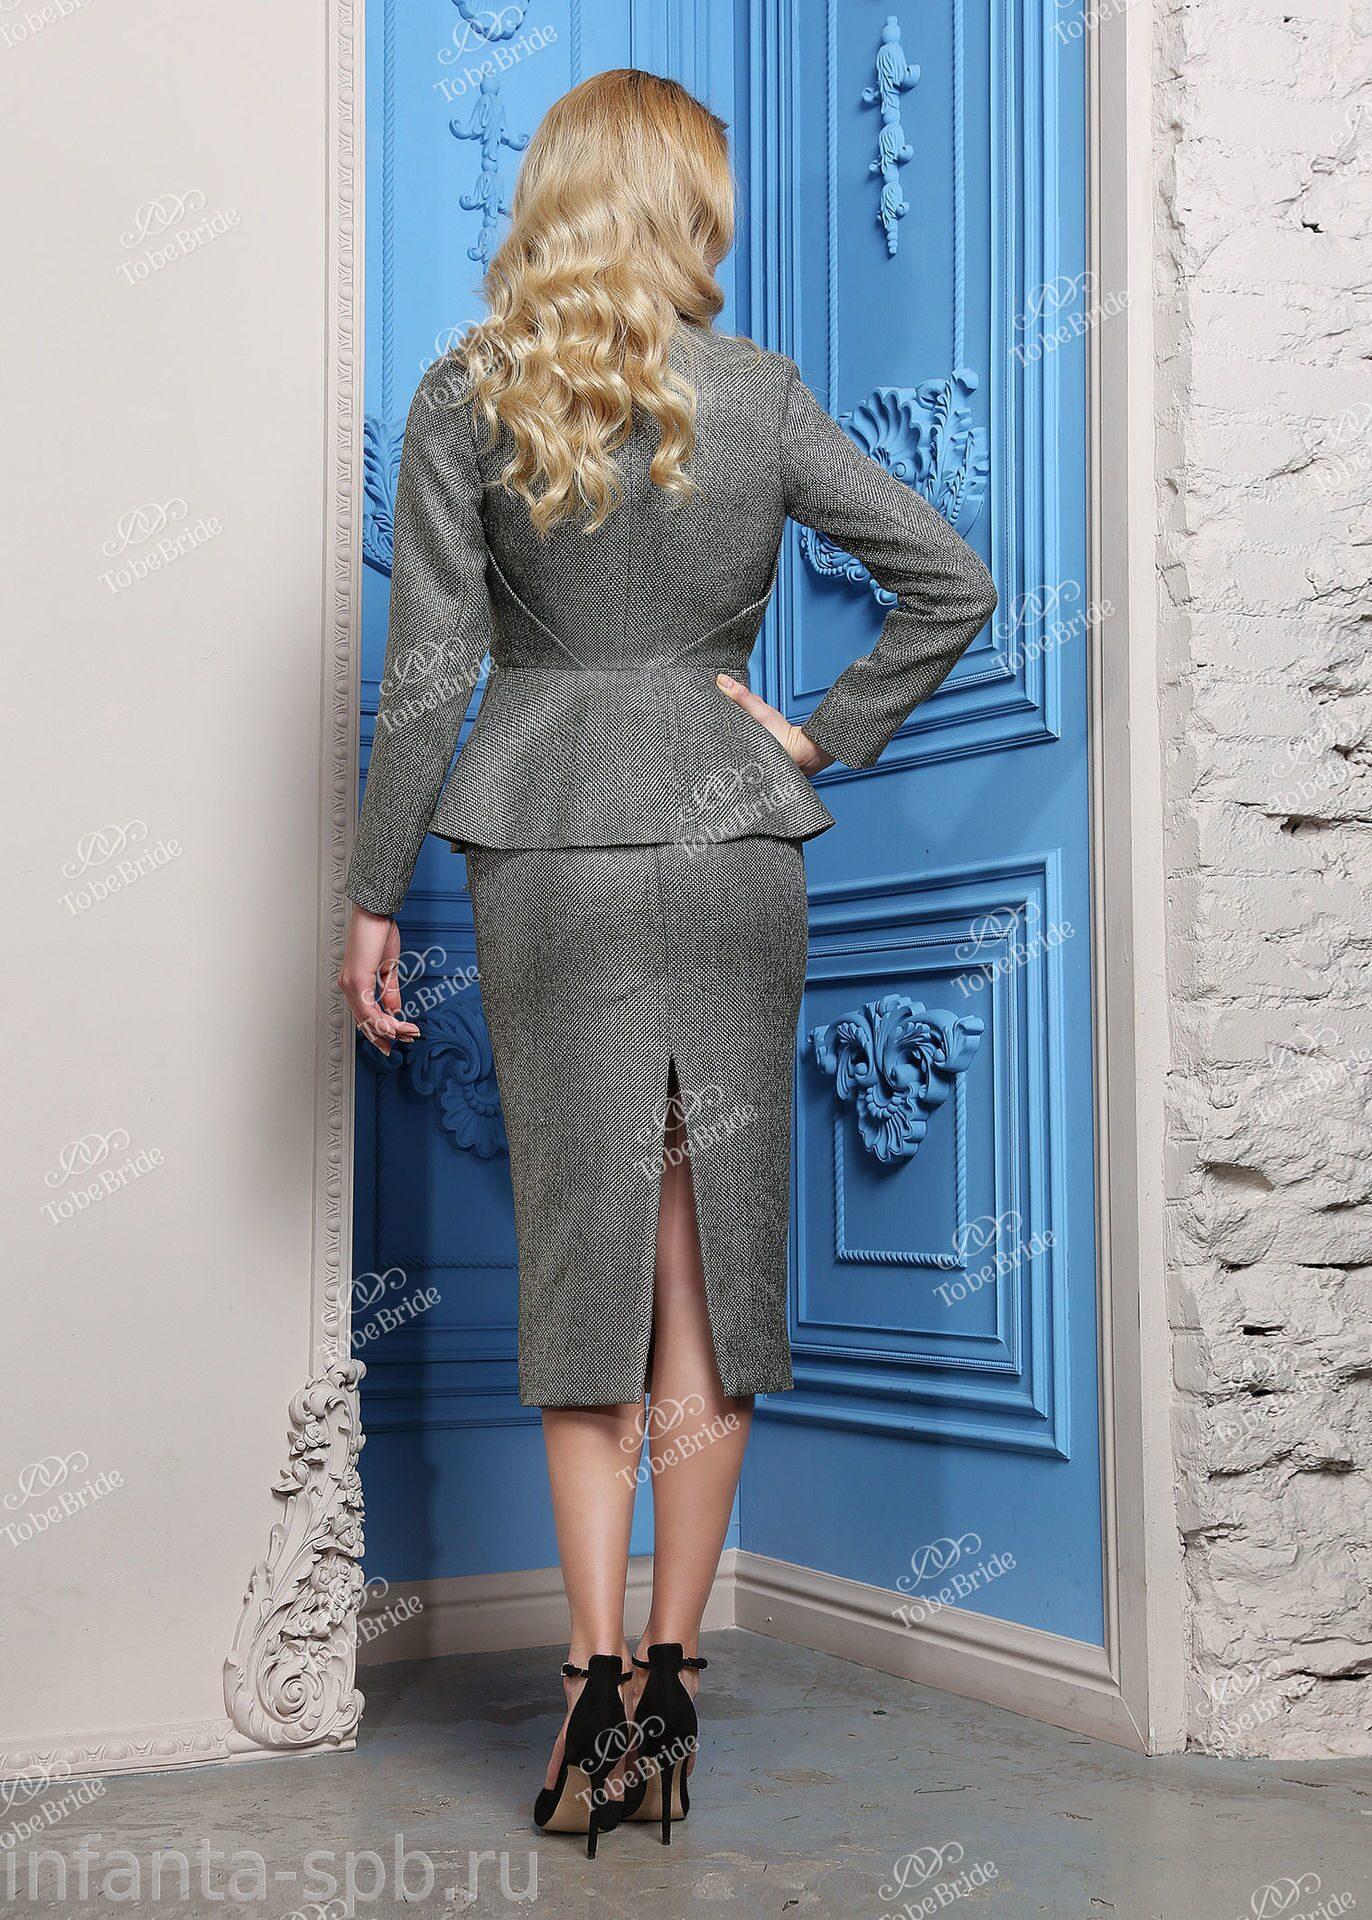 Стильные женские костюмы с юбкой